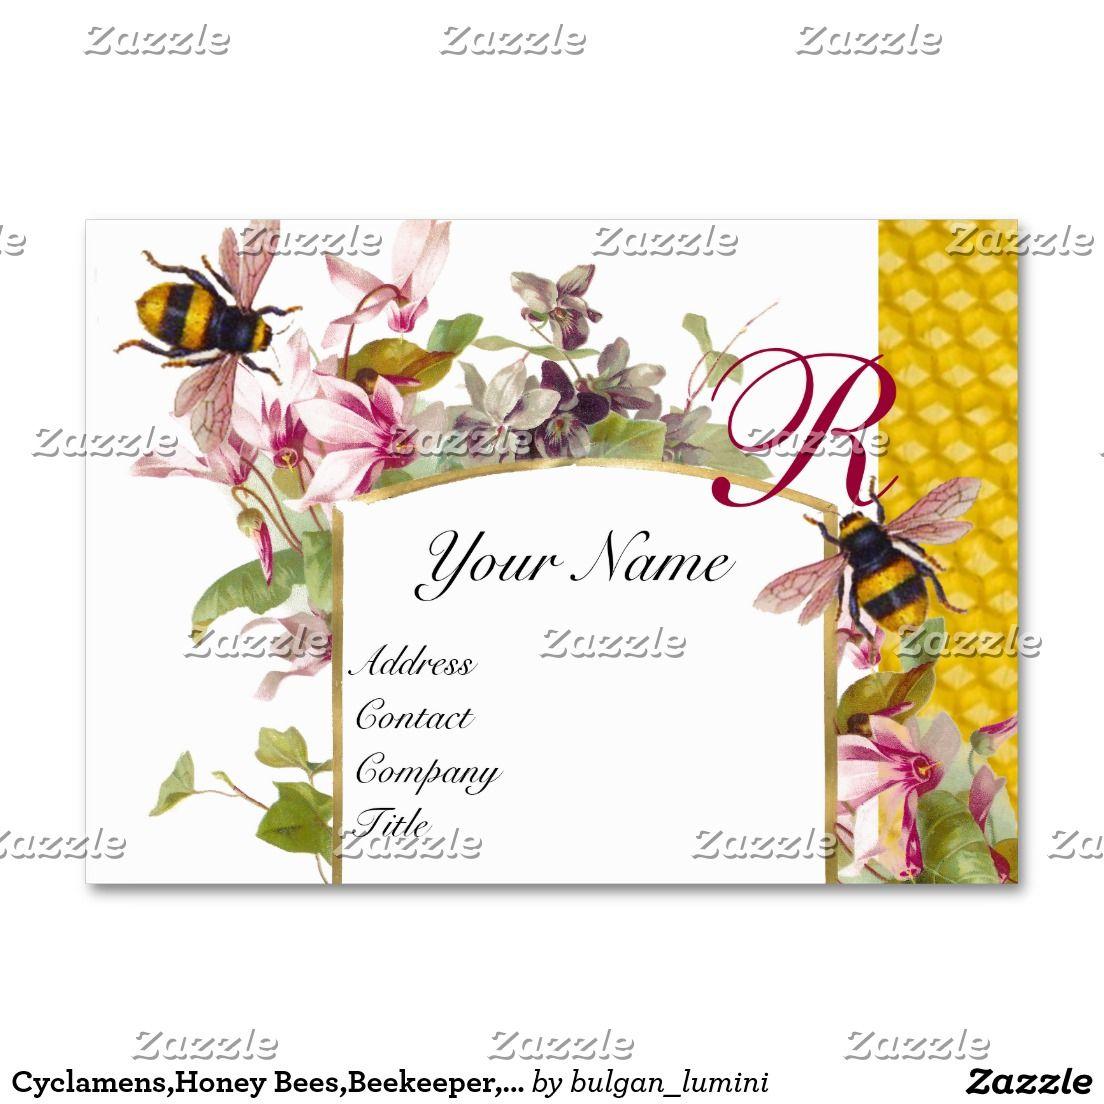 Cyclamens,Honey Bees,Beekeeper,Beekeeping Monogram Business Card ...